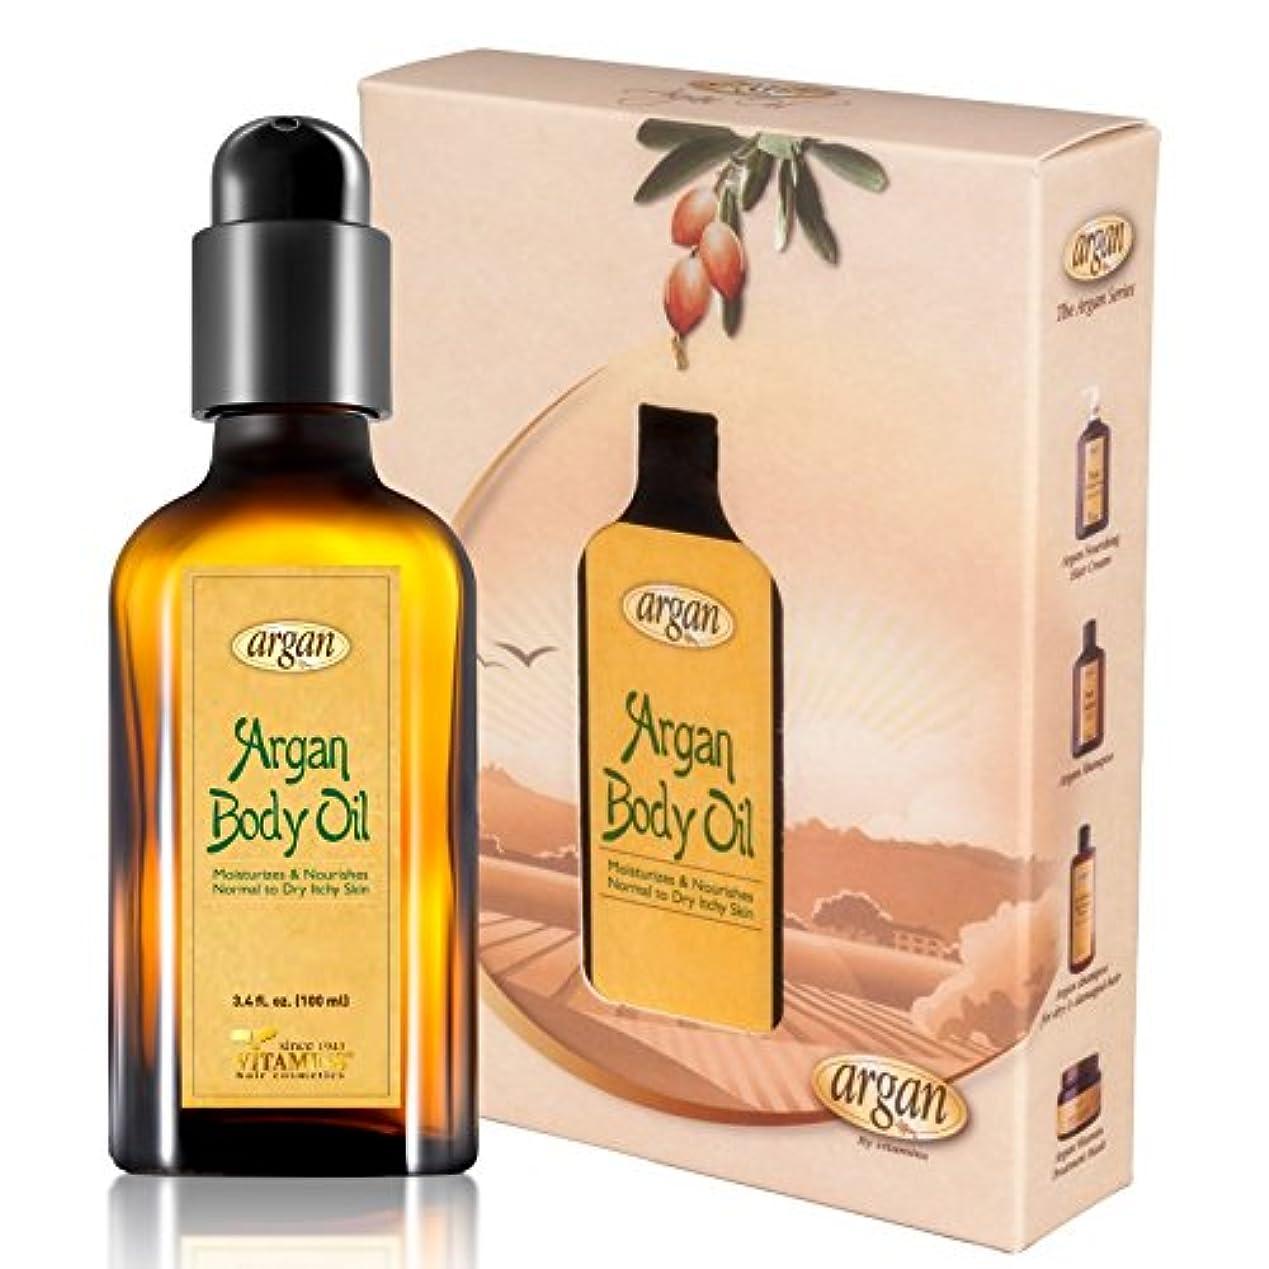 コジオスコ矛盾完璧Argan Body Oil 3.4 fl.oz. 100 ml